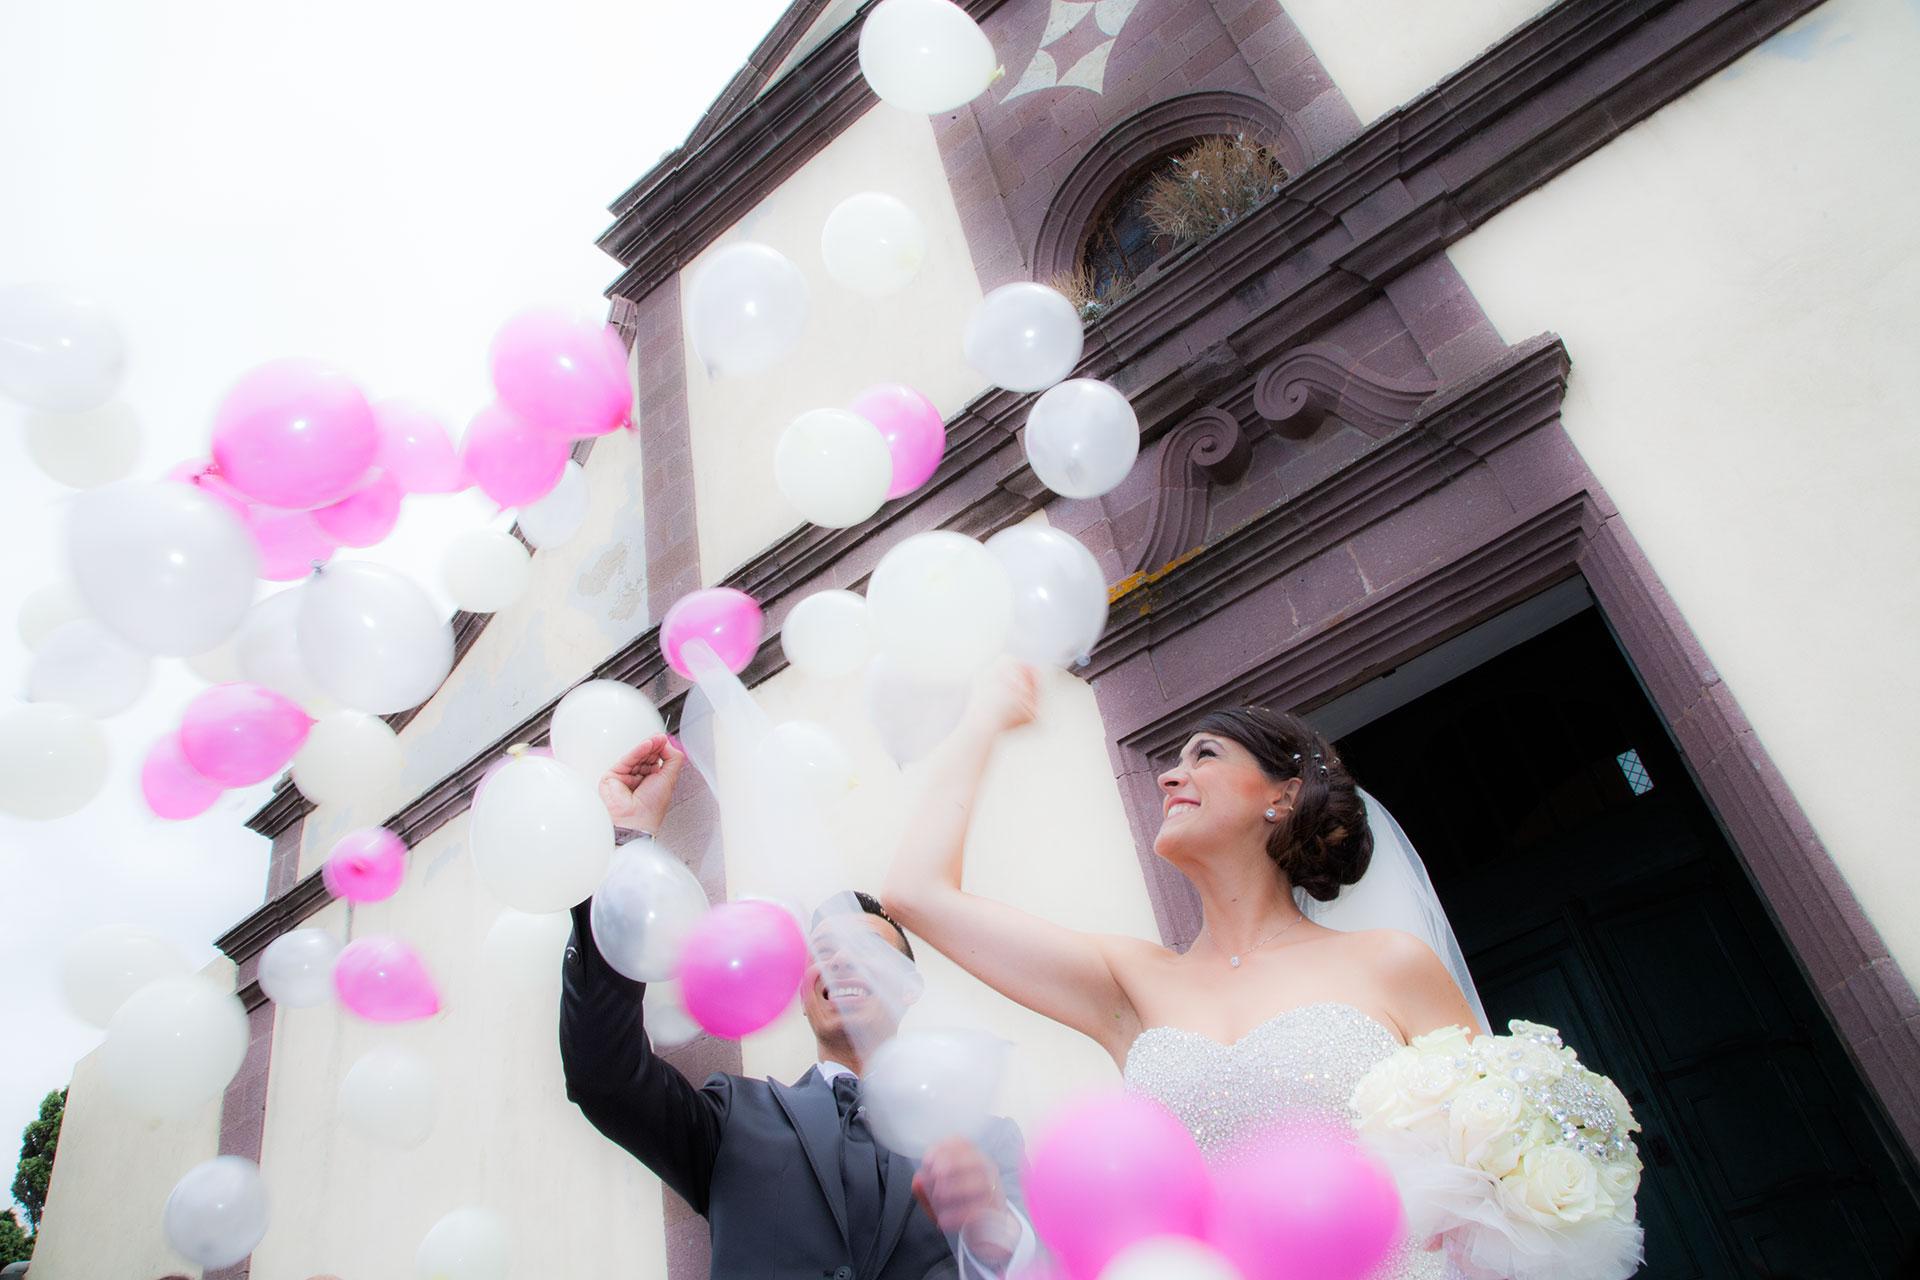 fotografo di matrimonio in Sardegna, fotografo matrimonio Nuoro, fotografo matrimonio Cagliari, fotografo matrimonio Oristano, fotografianovellu, sposi, sposa